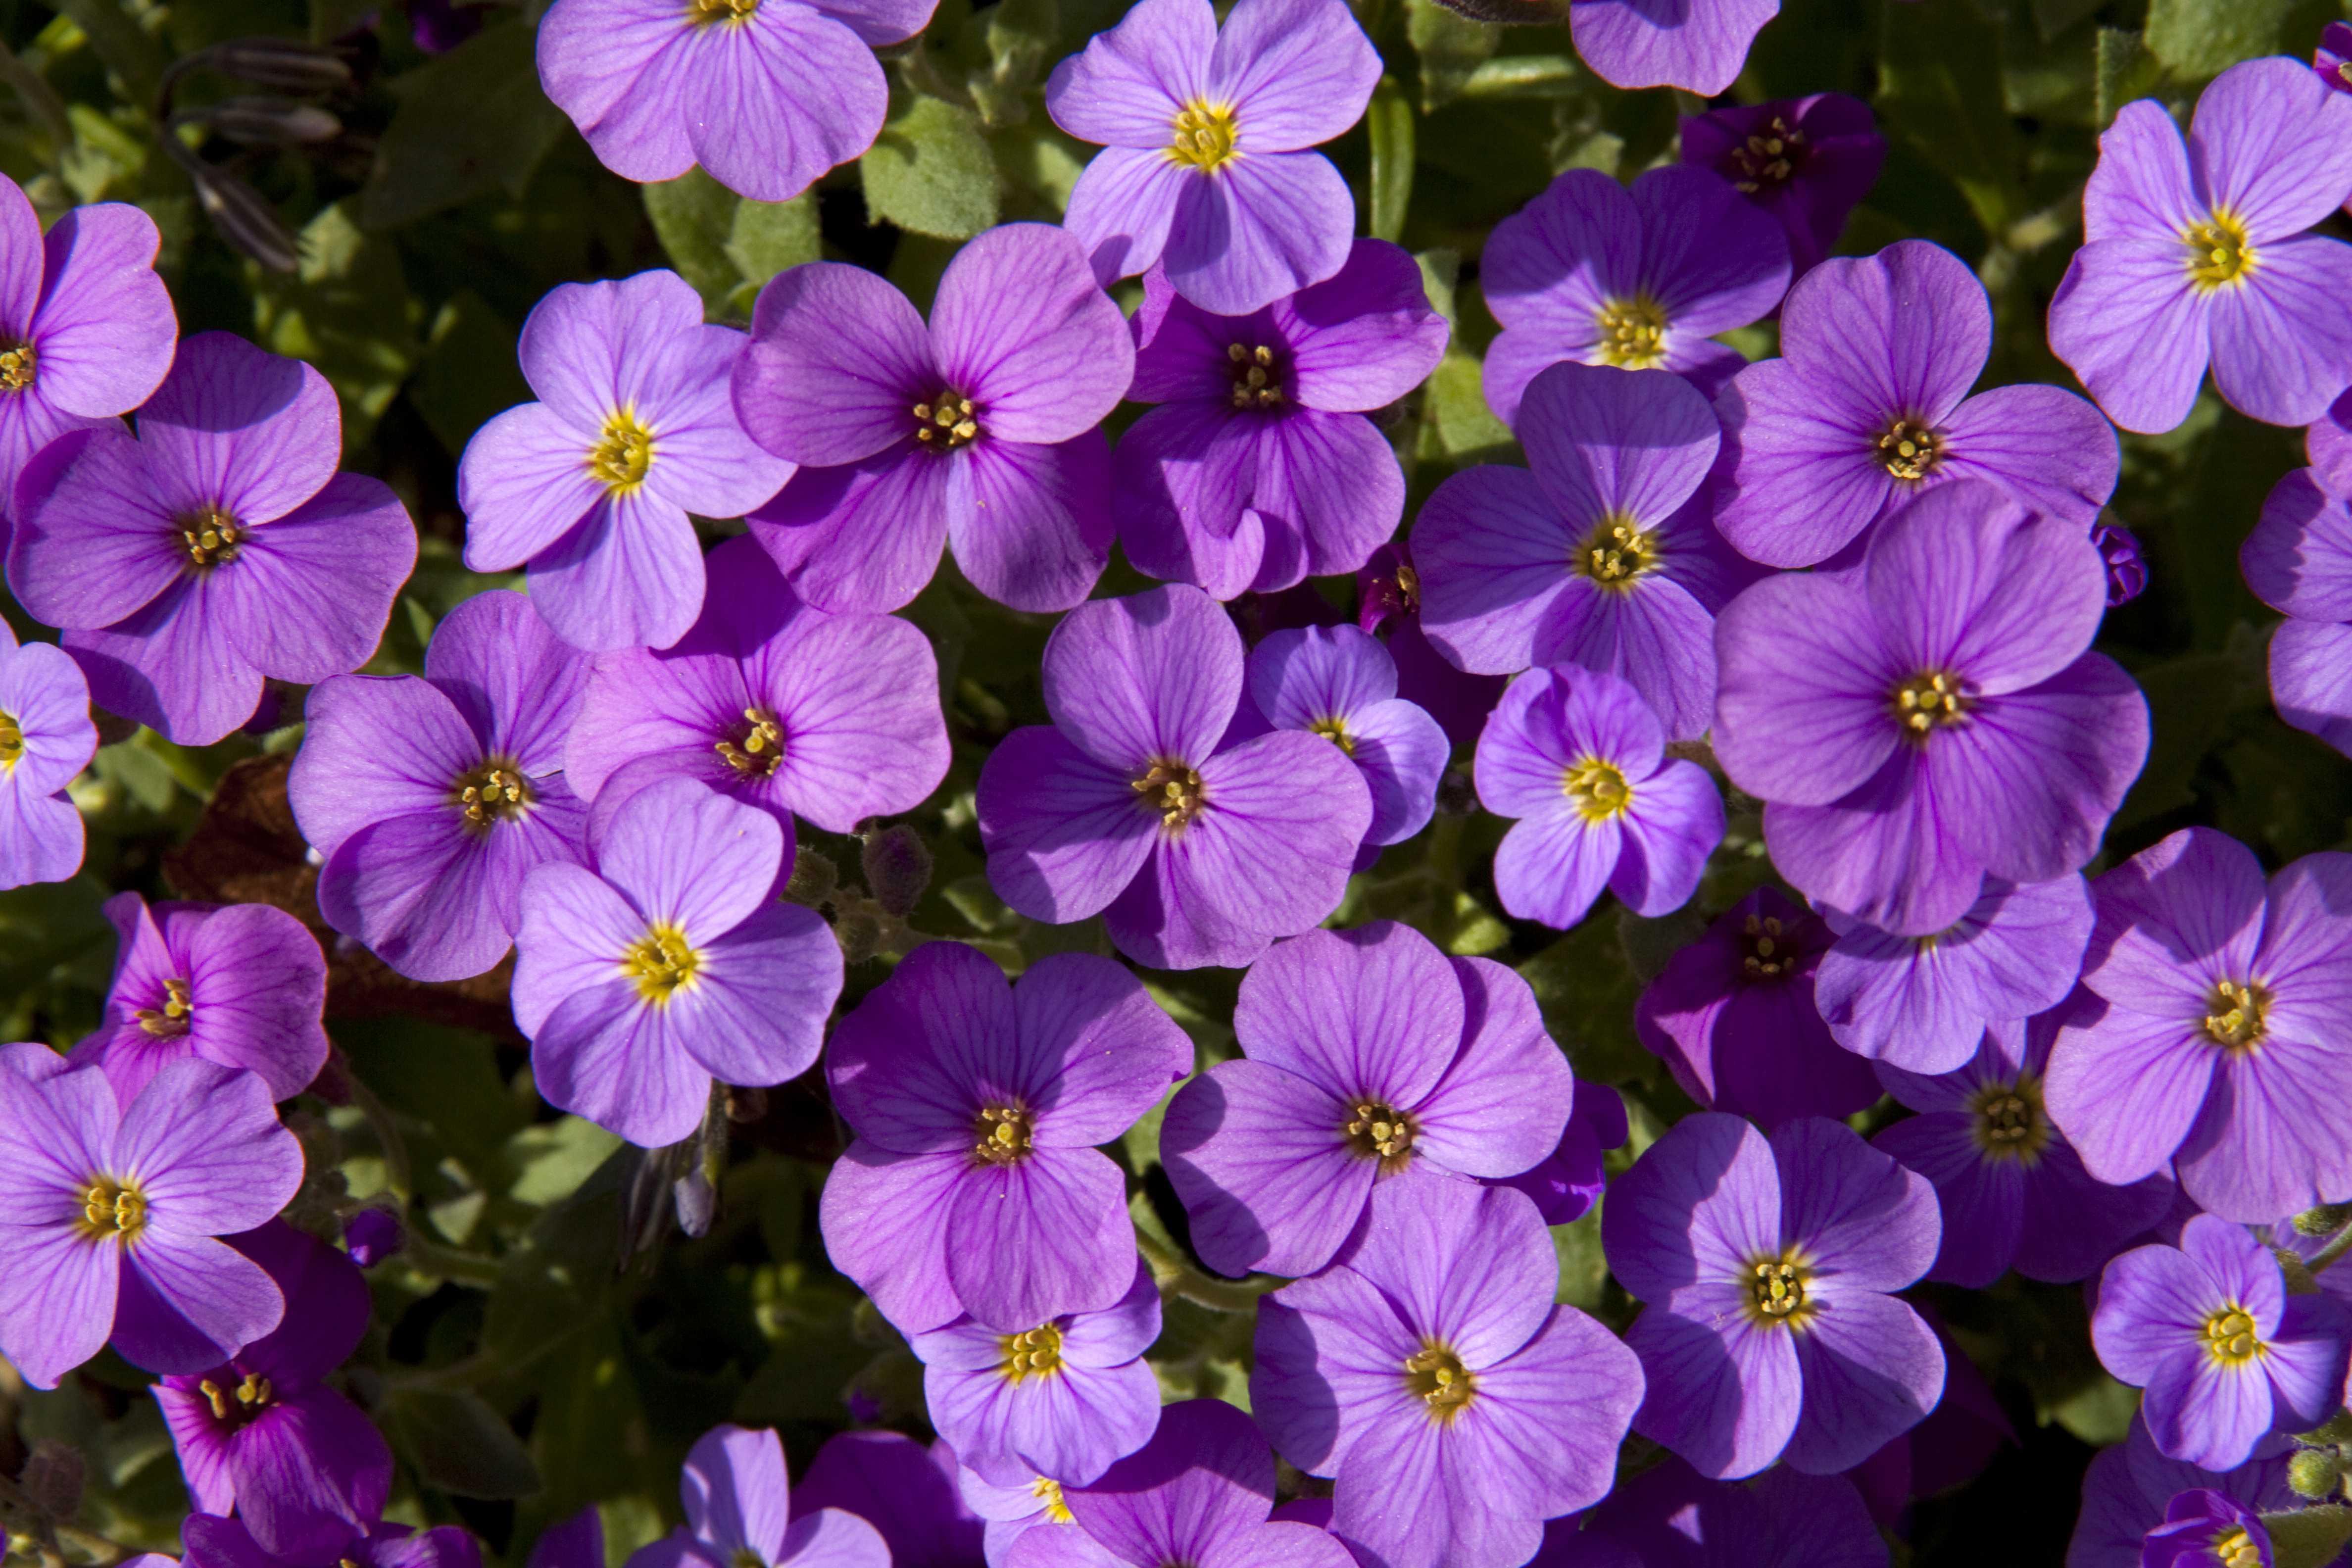 Aubreita deltoidea. (Also known as Aubretia). Violet, pink and white flowers.